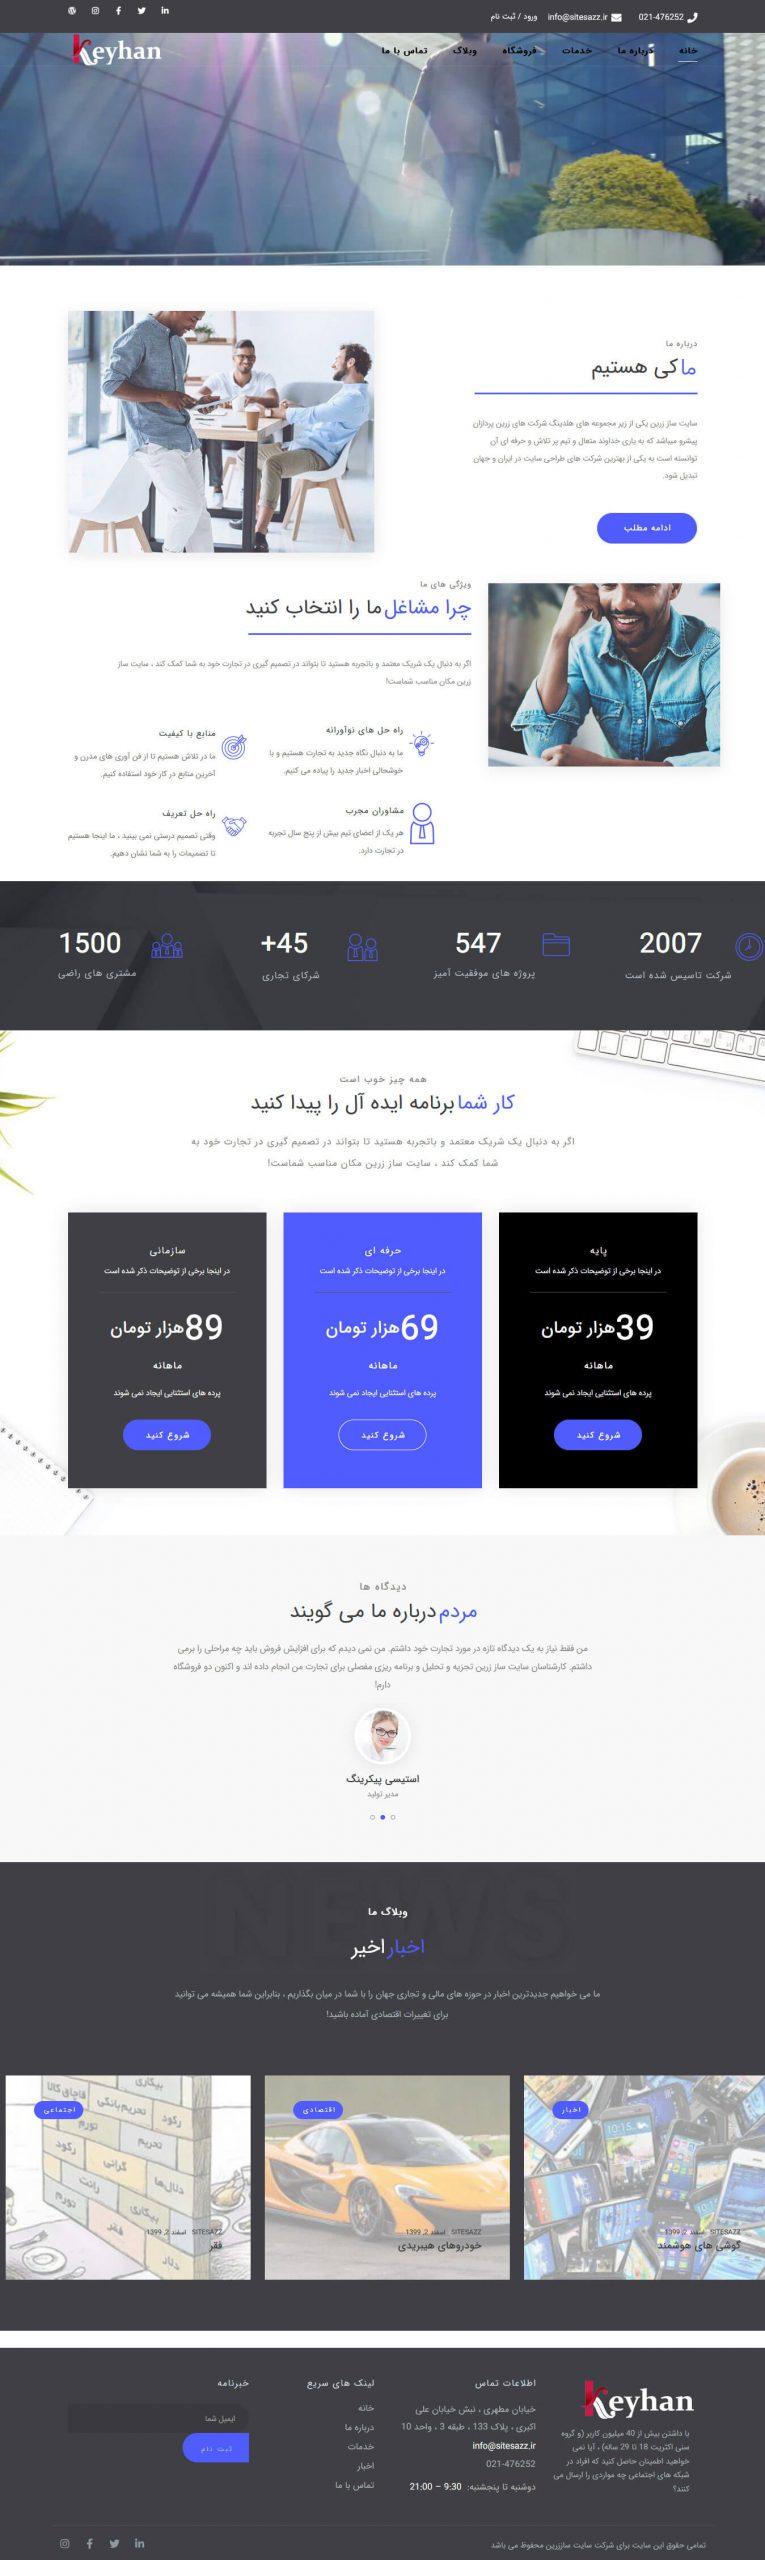 سایت کیهان در حالت دسکتاپ